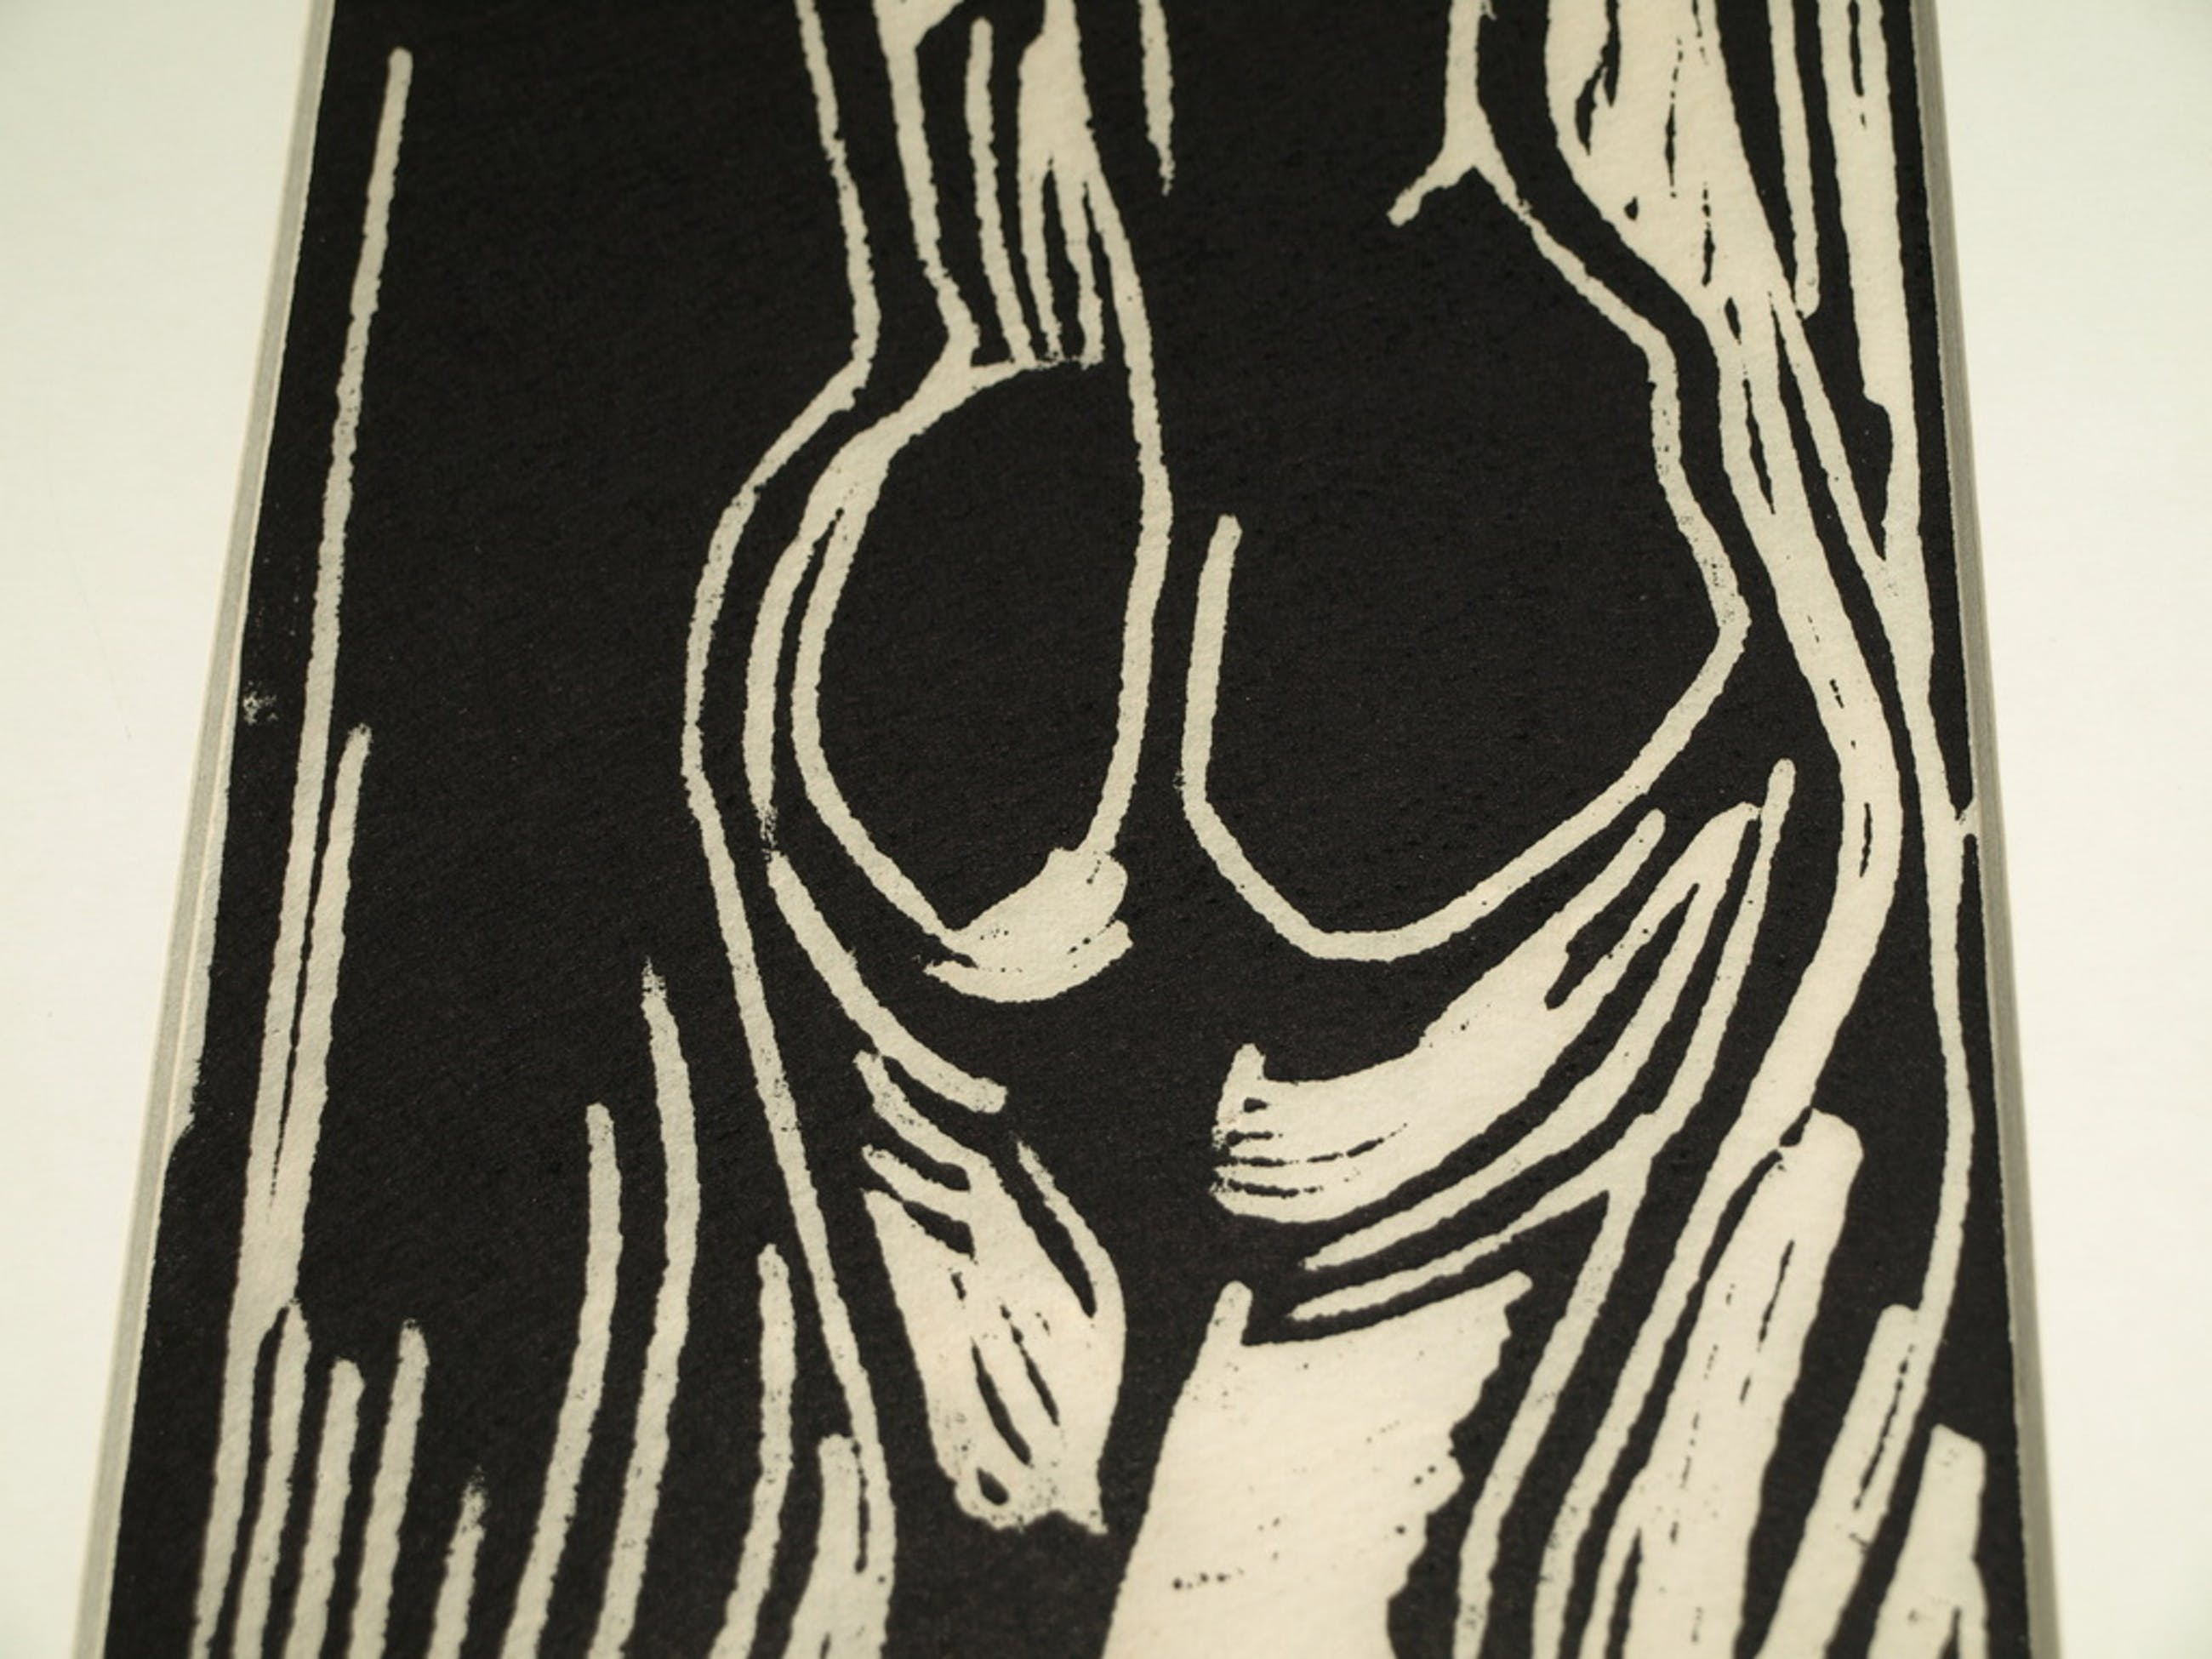 Piet Wiegman (1930-2008) – Houtsnede  – Vrouw – Gesigneerd  kopen? Bied vanaf 1!